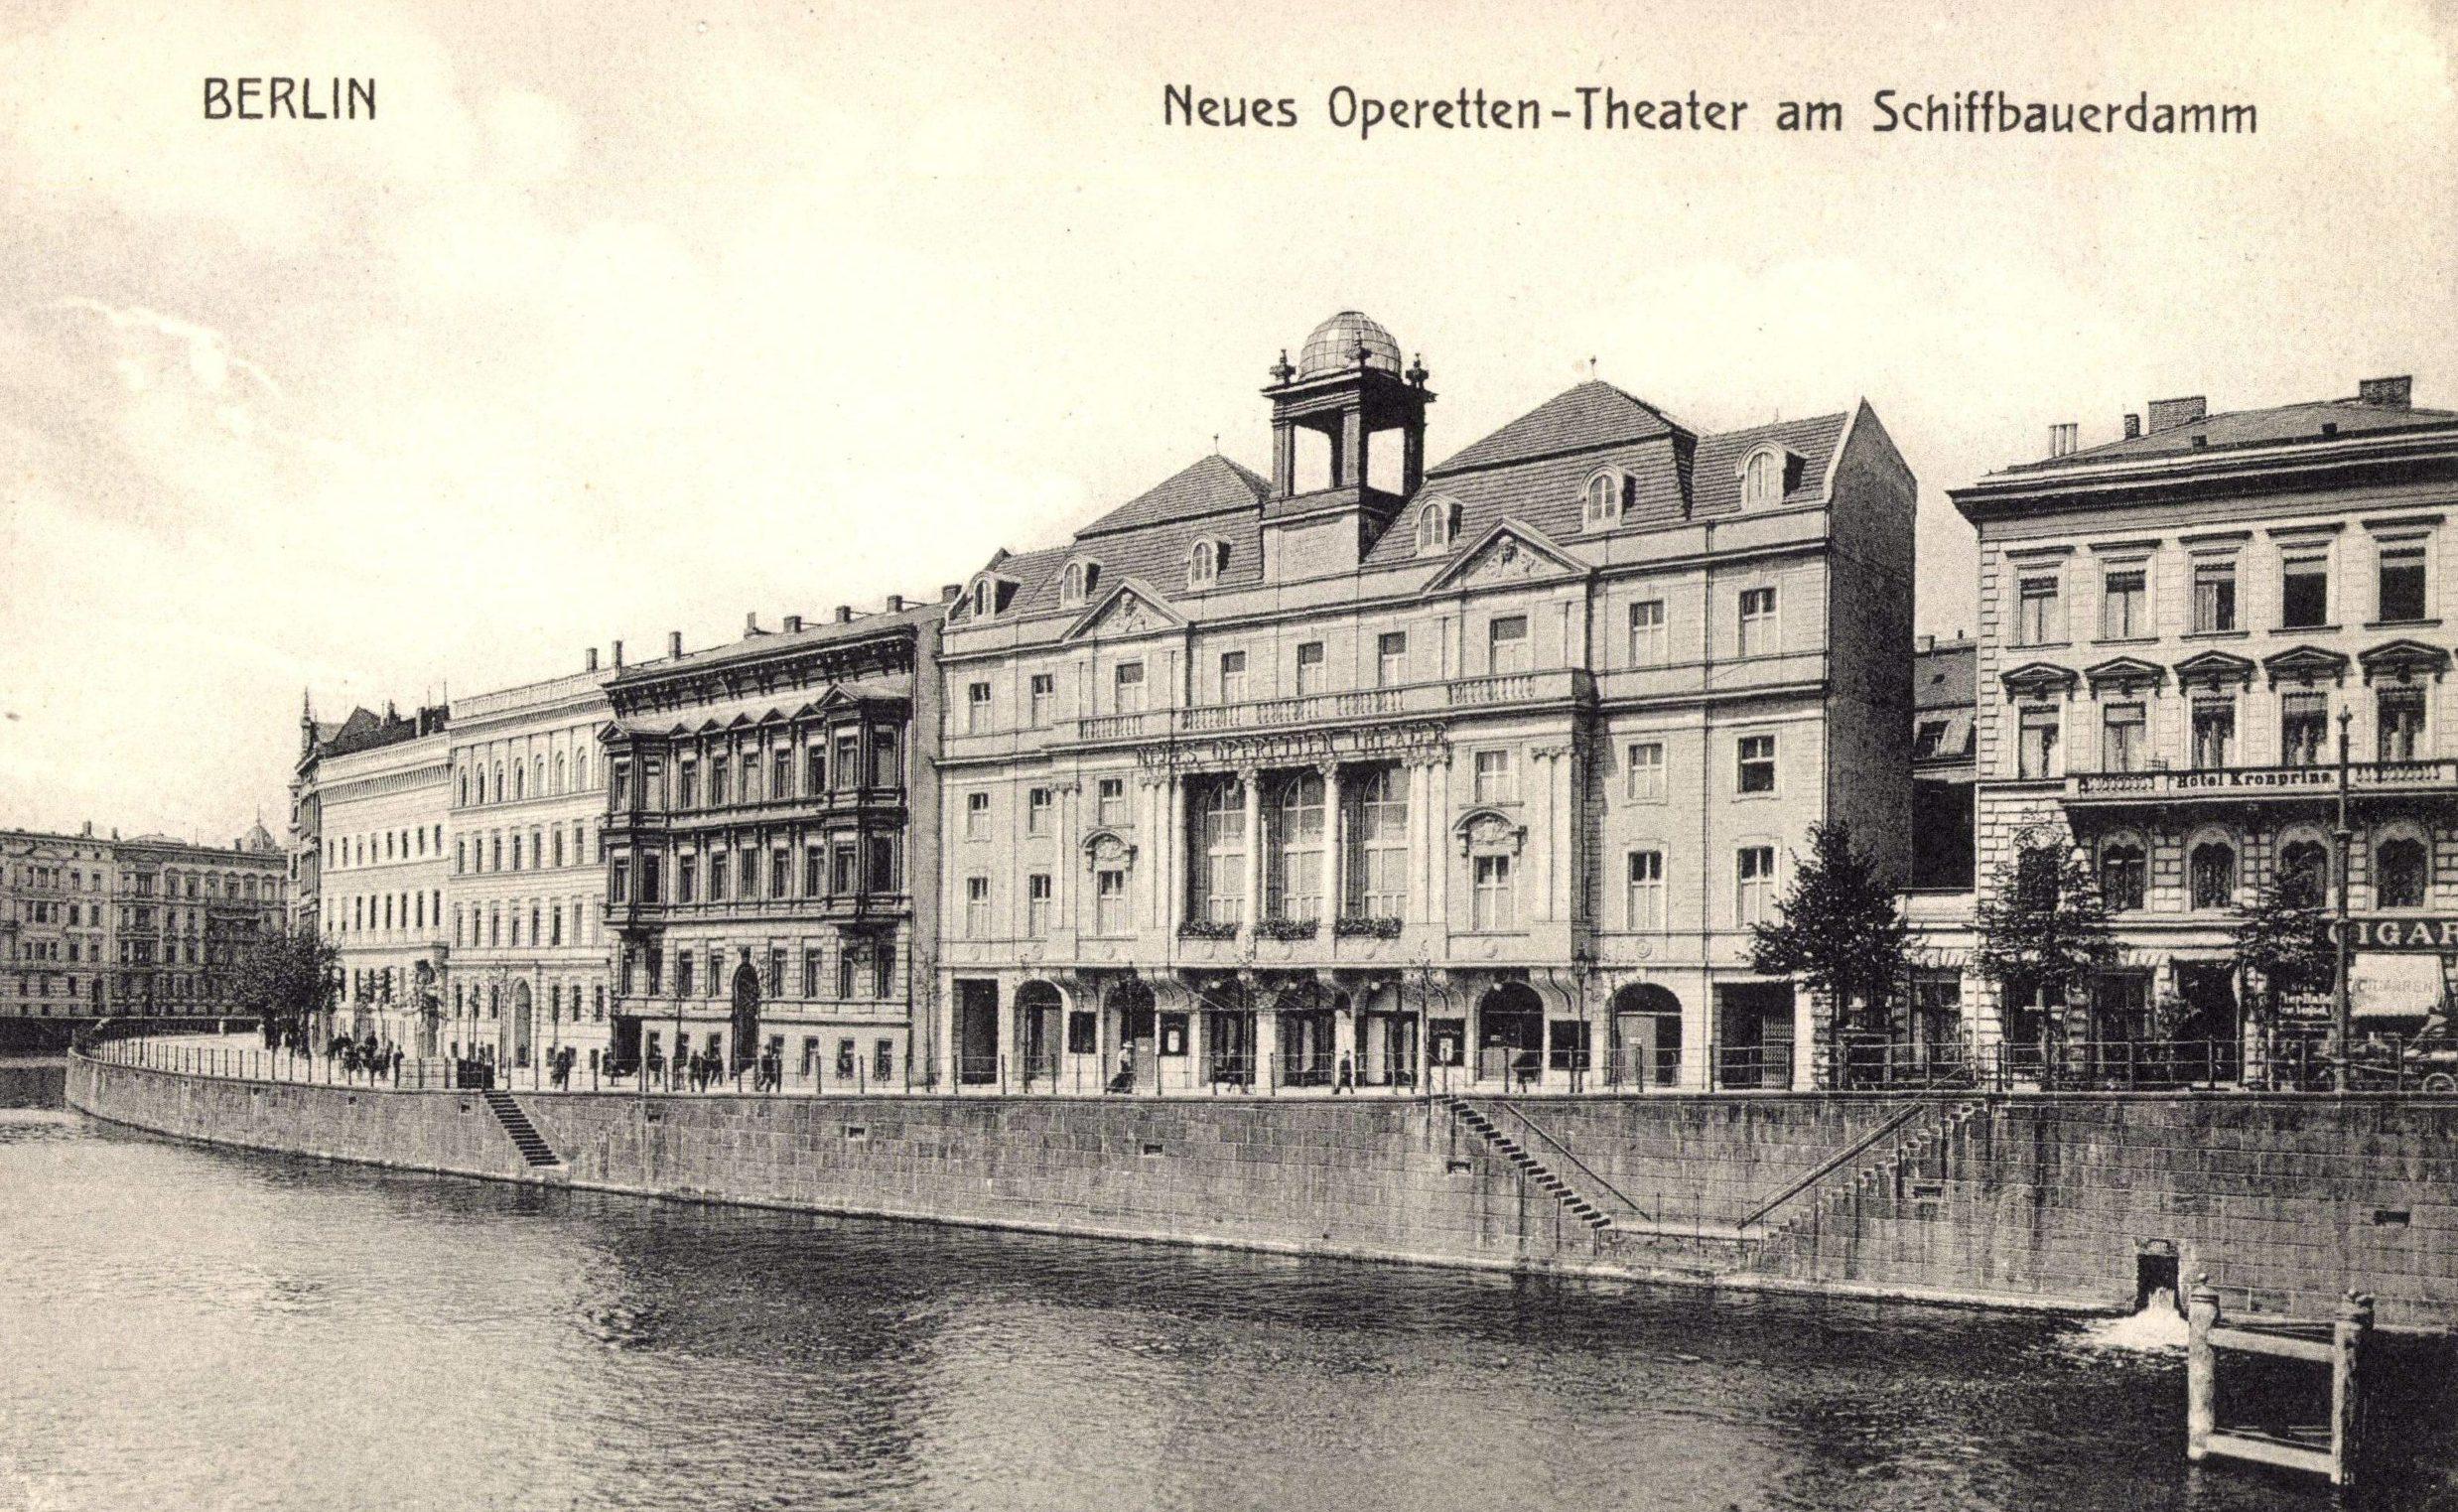 Historische Theater in Berlin: Neues Operetten-Theater am Schiffbauerdamm, 1930. Foto: Imago/Arkivi